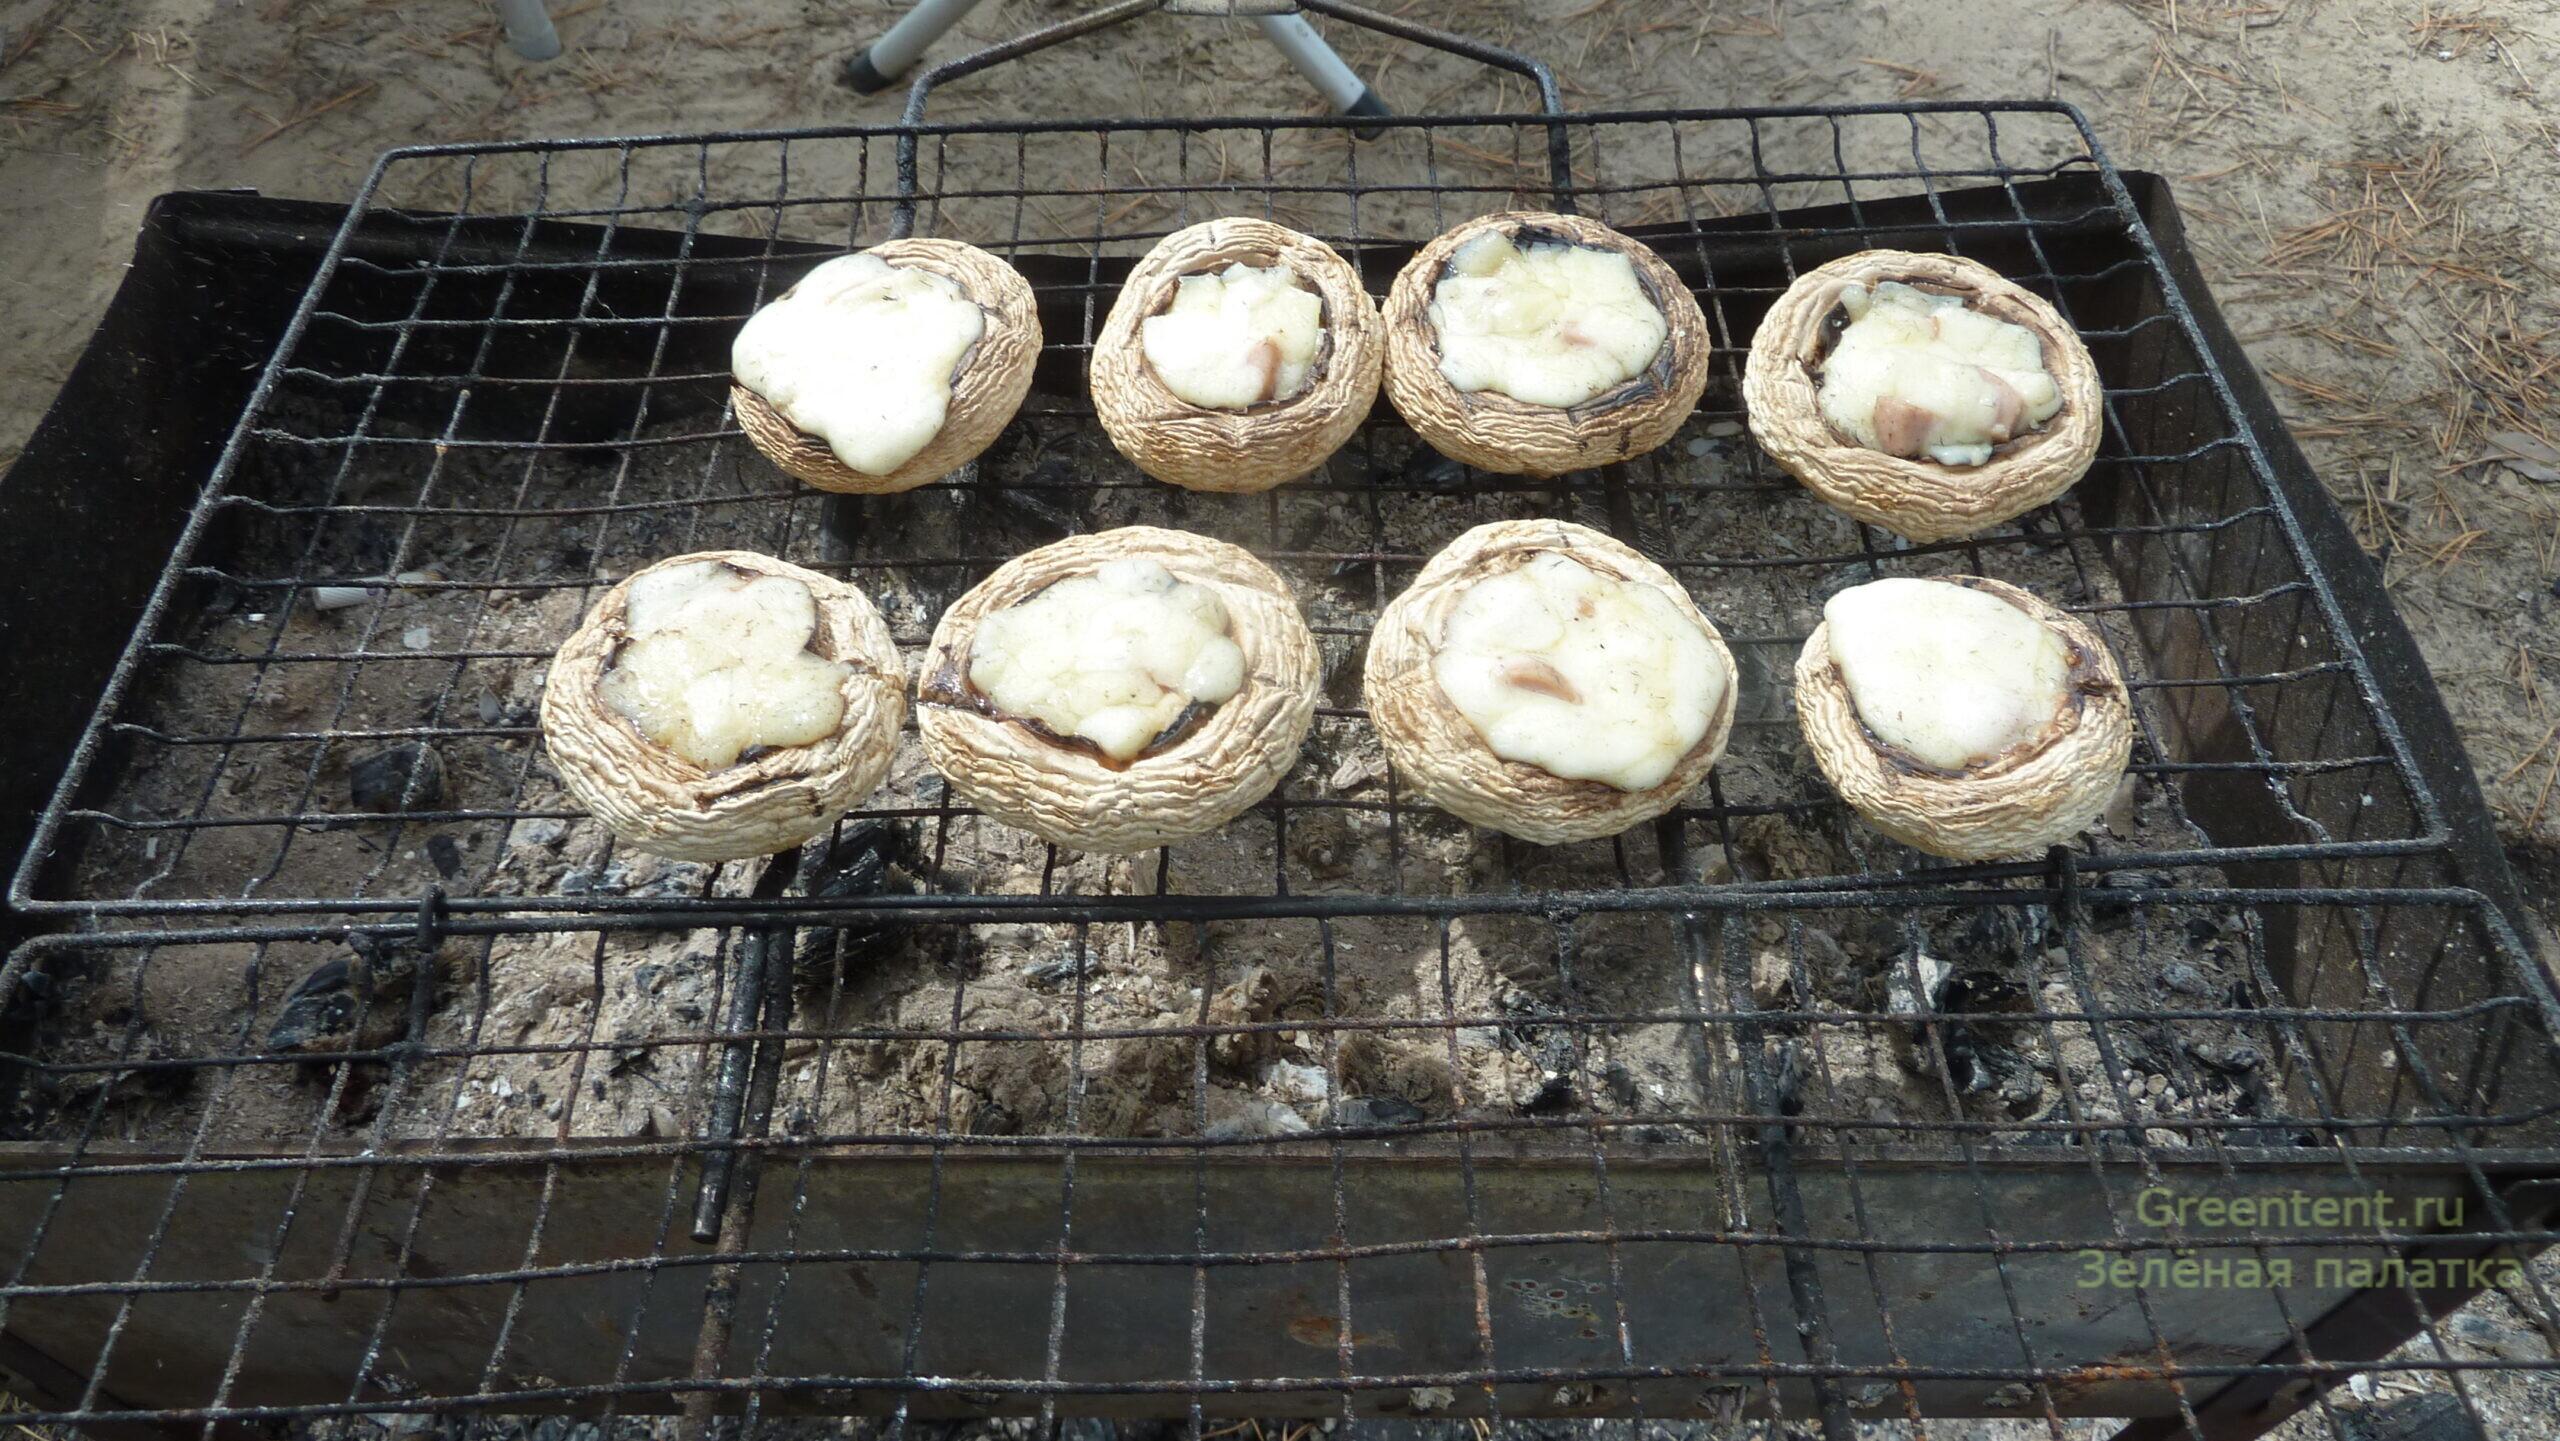 еда рецепт грибы шампиньоны на косте лес природа отдых туризм